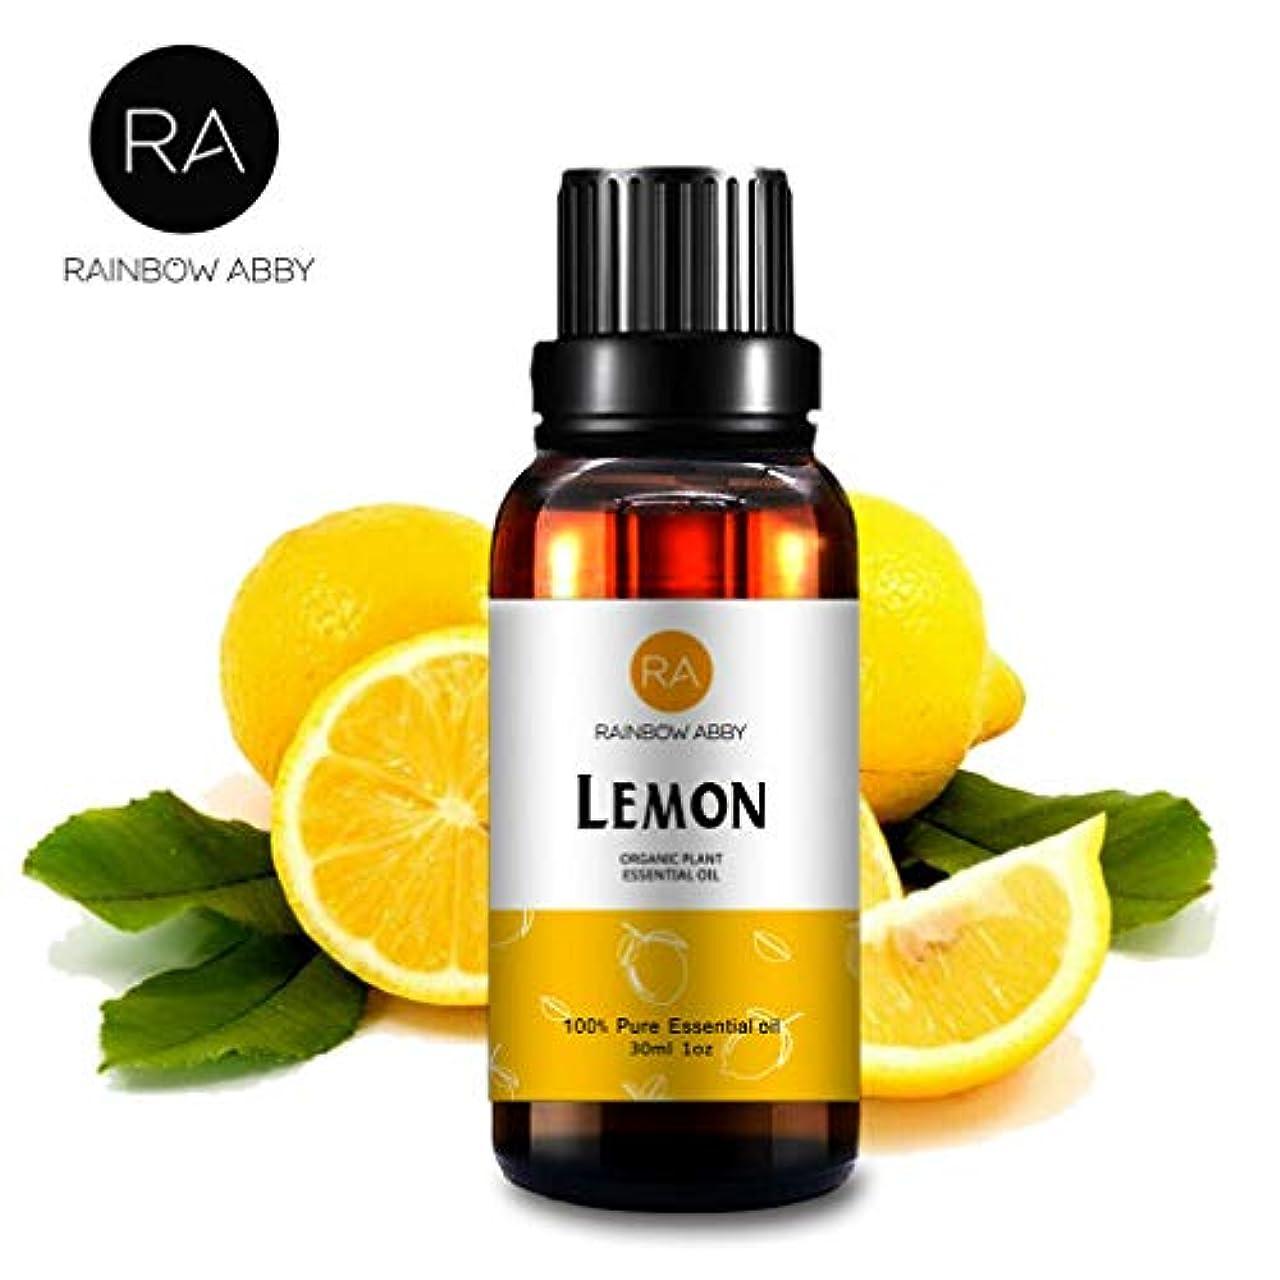 ピケ海賊脚RAINBOW ABBY レモンエッセンシャル オイル ディフューザー アロマ セラピー オイル (30ML/1oz) 100% ピュアオーガニック 植物 エキスレモン オイル